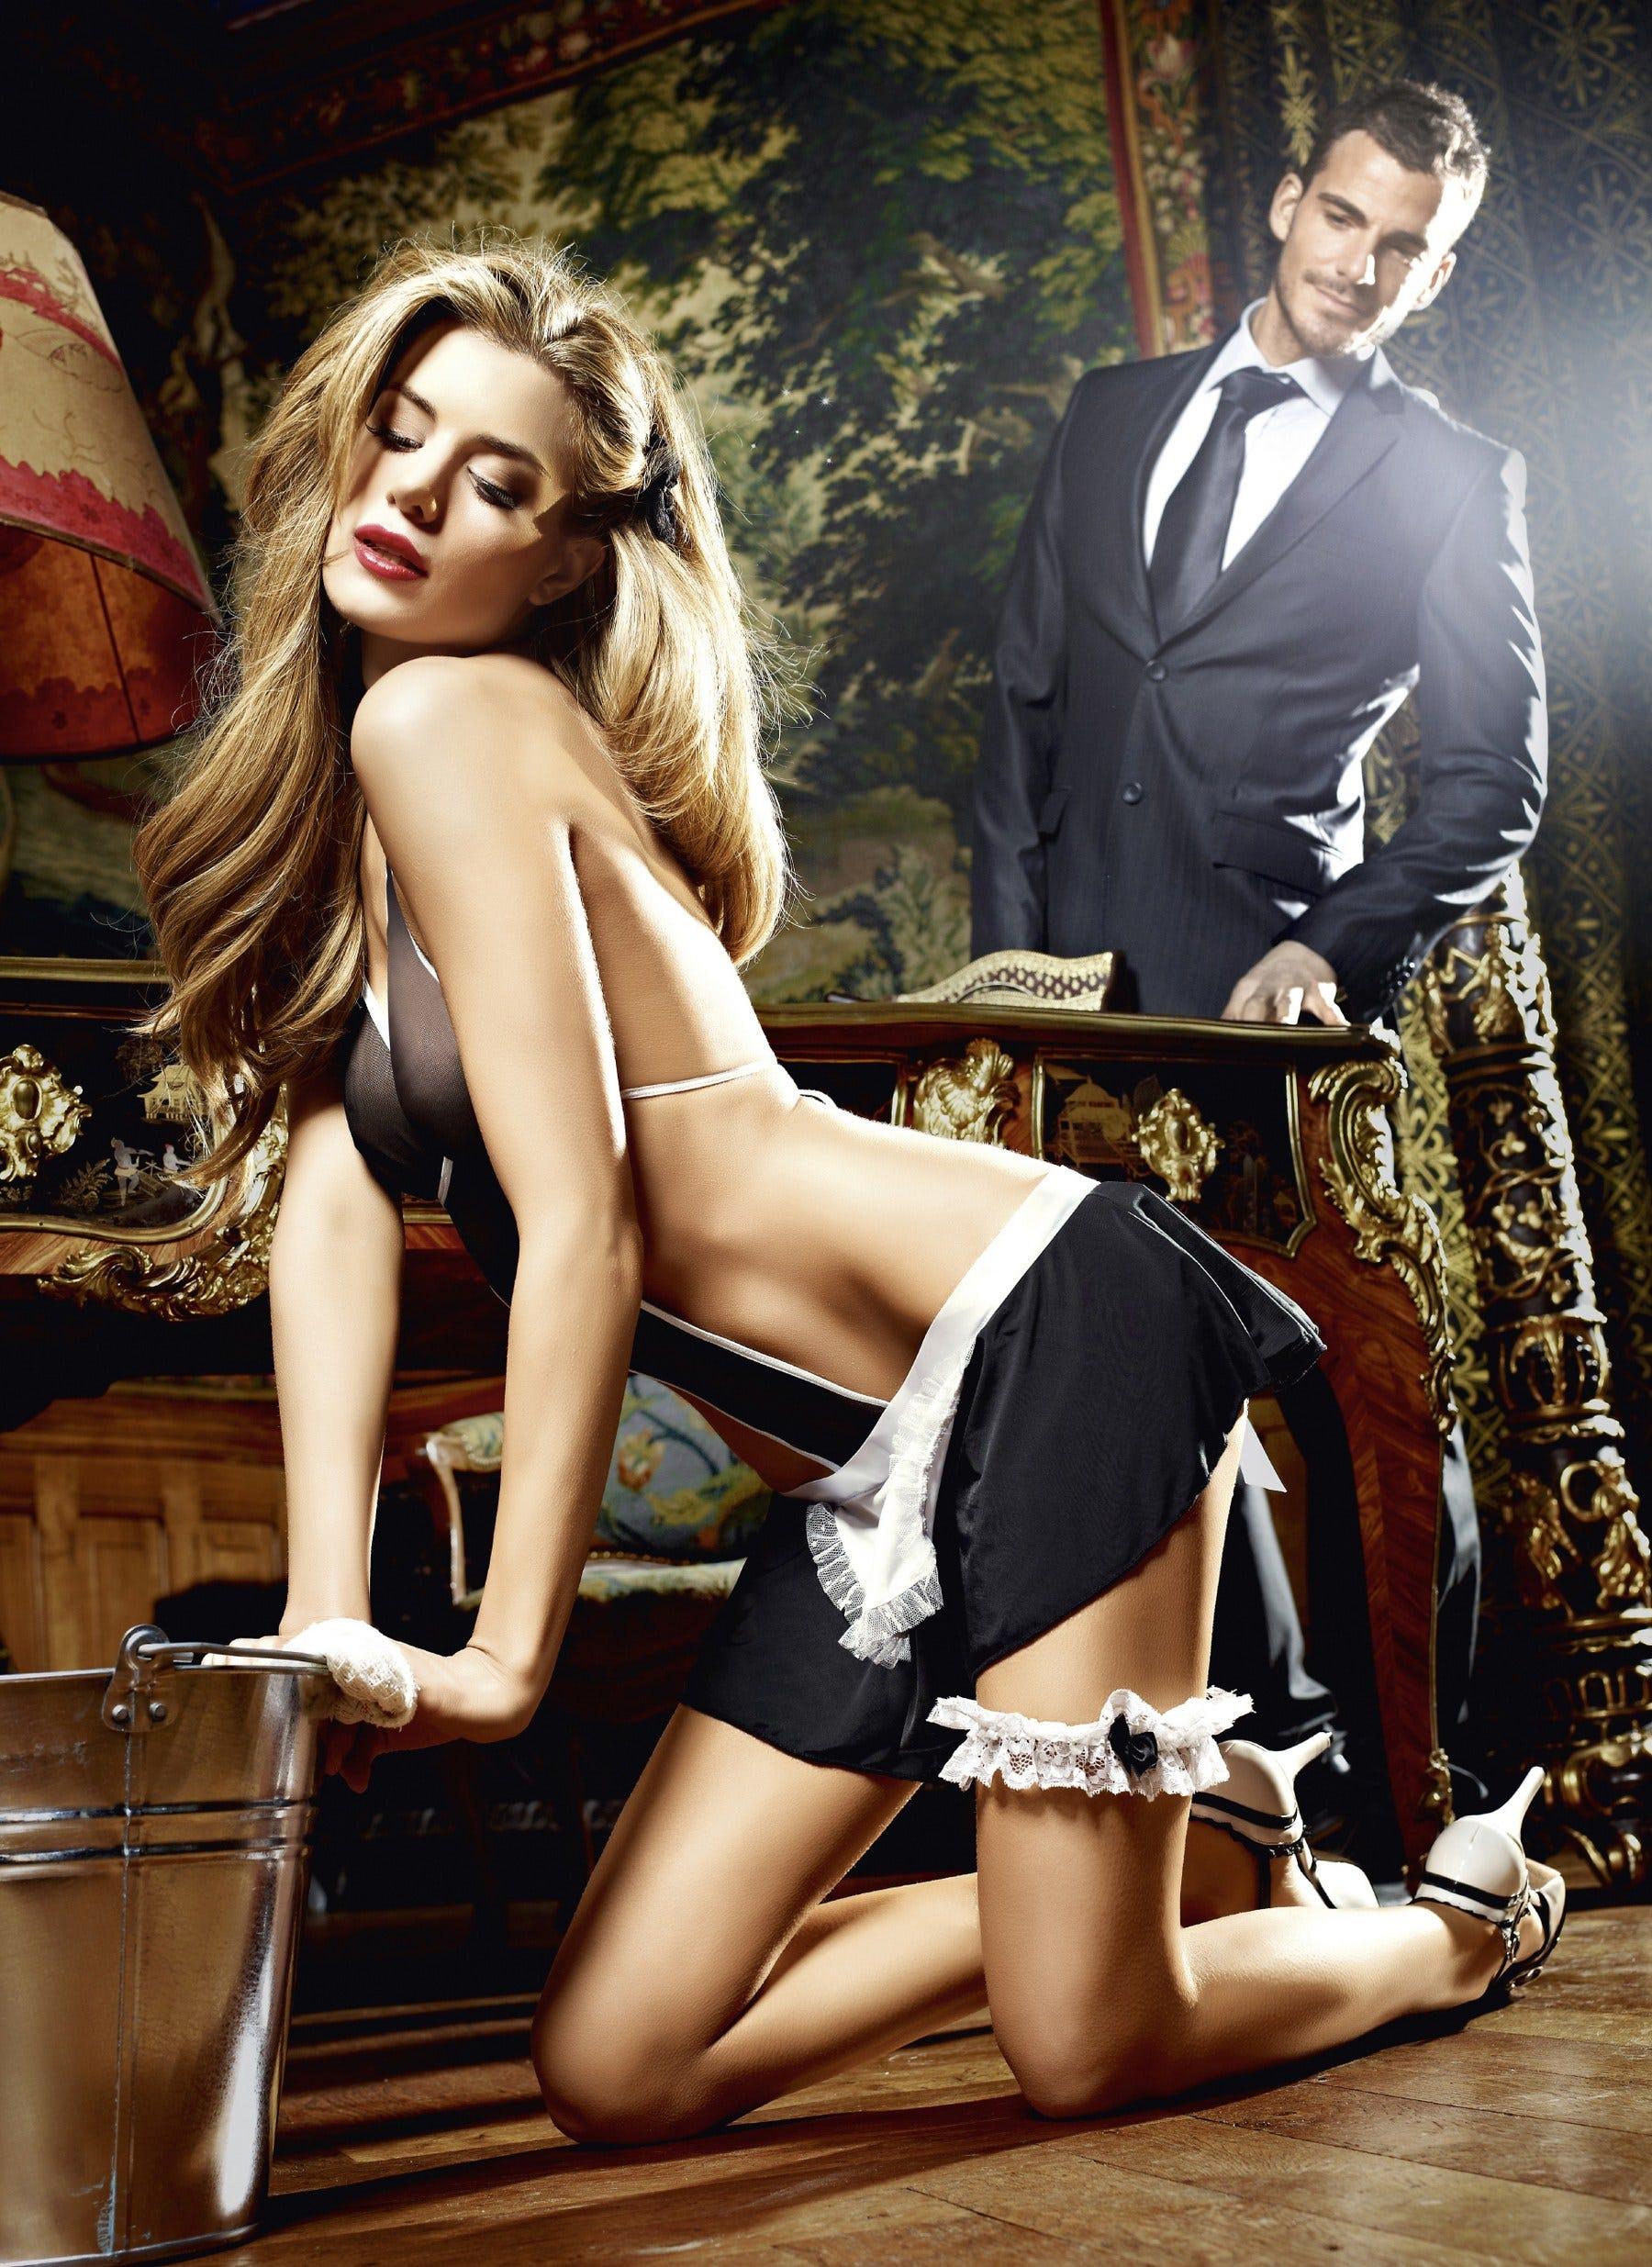 Фото секси одежды 8 фотография